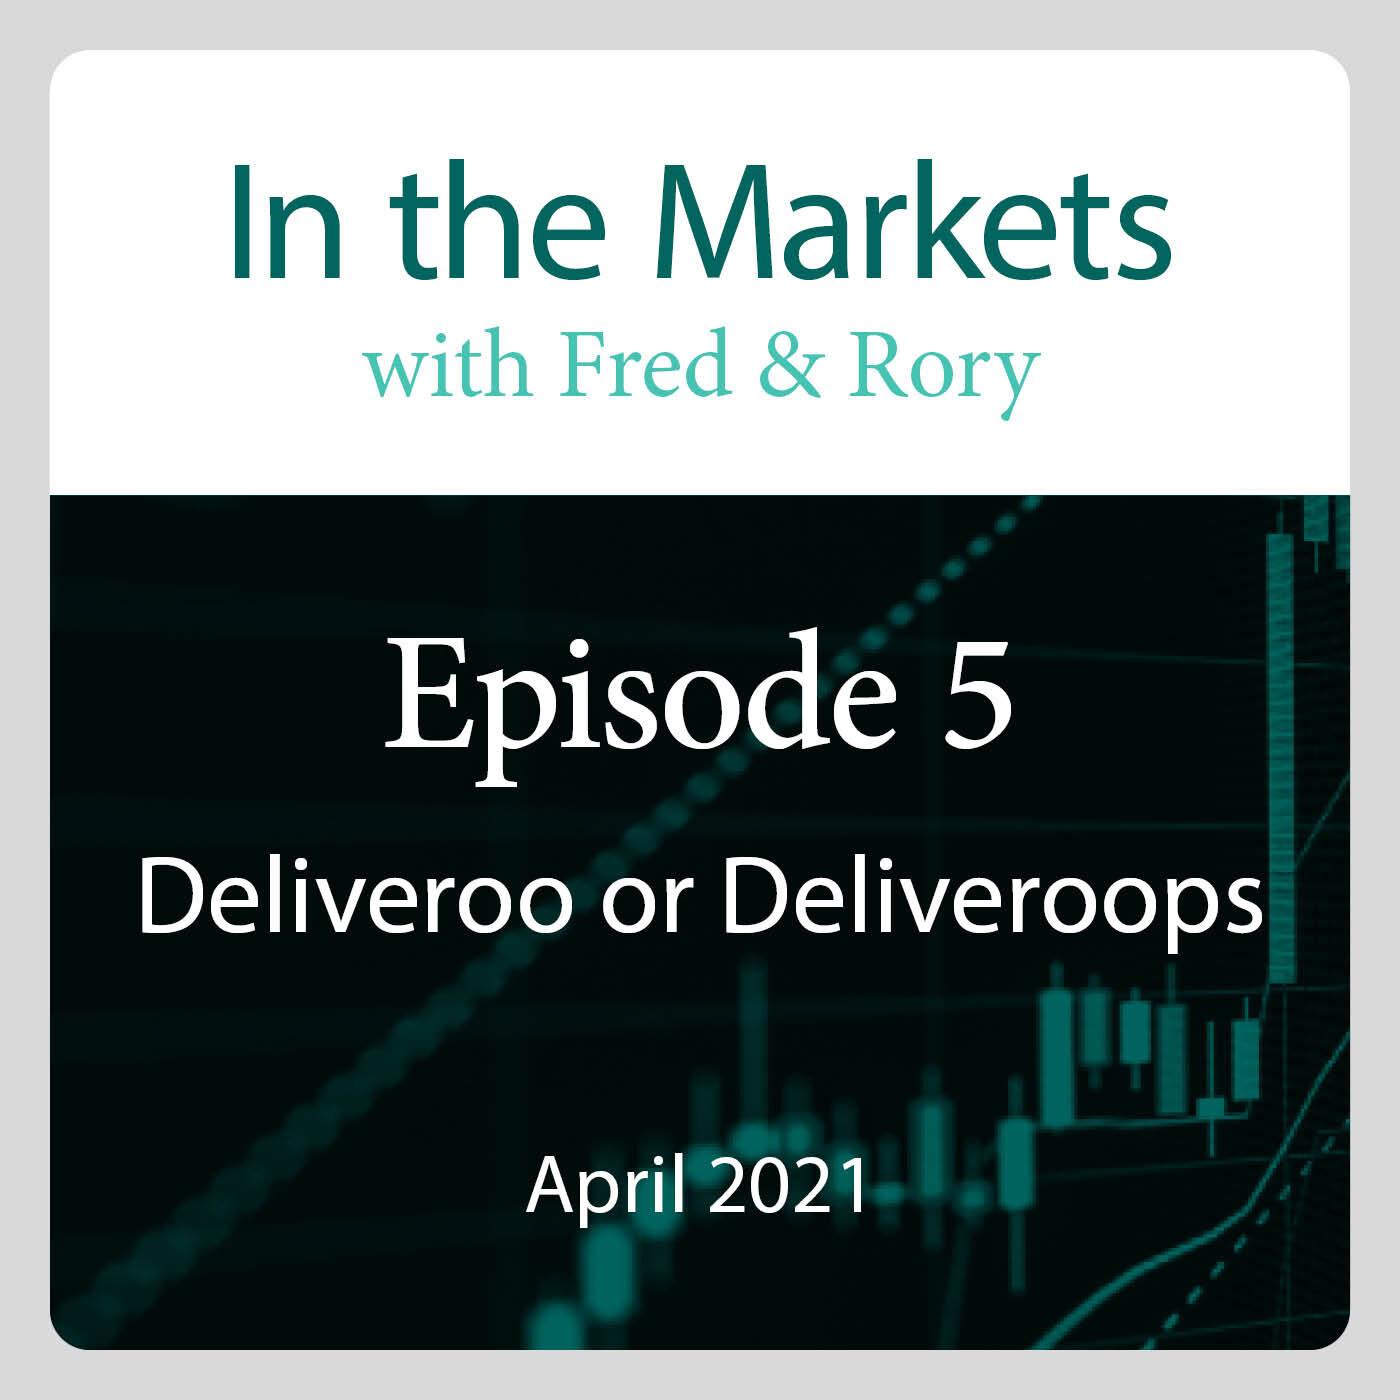 April 2021: Deliveroo or Deliveroops?